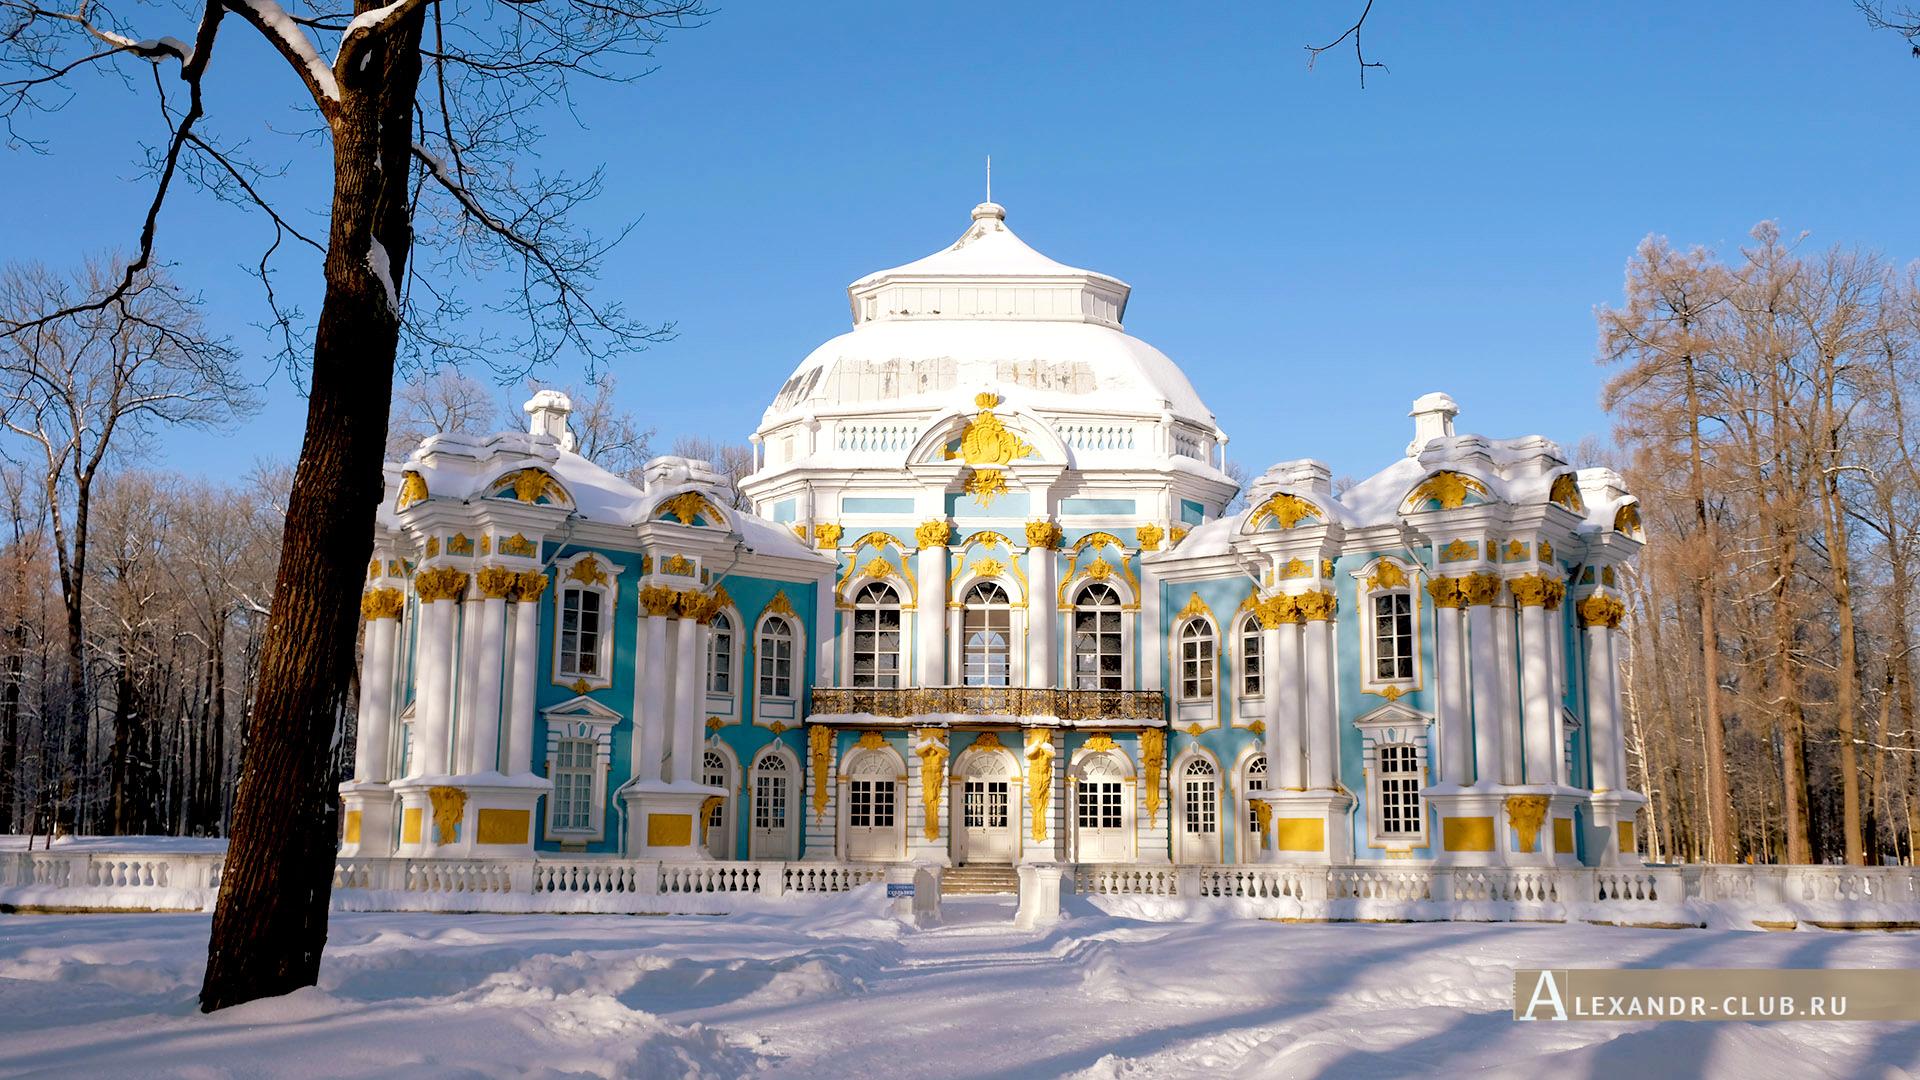 Царское Село, зима, Екатерининский парк, павильон «Эрмитаж»